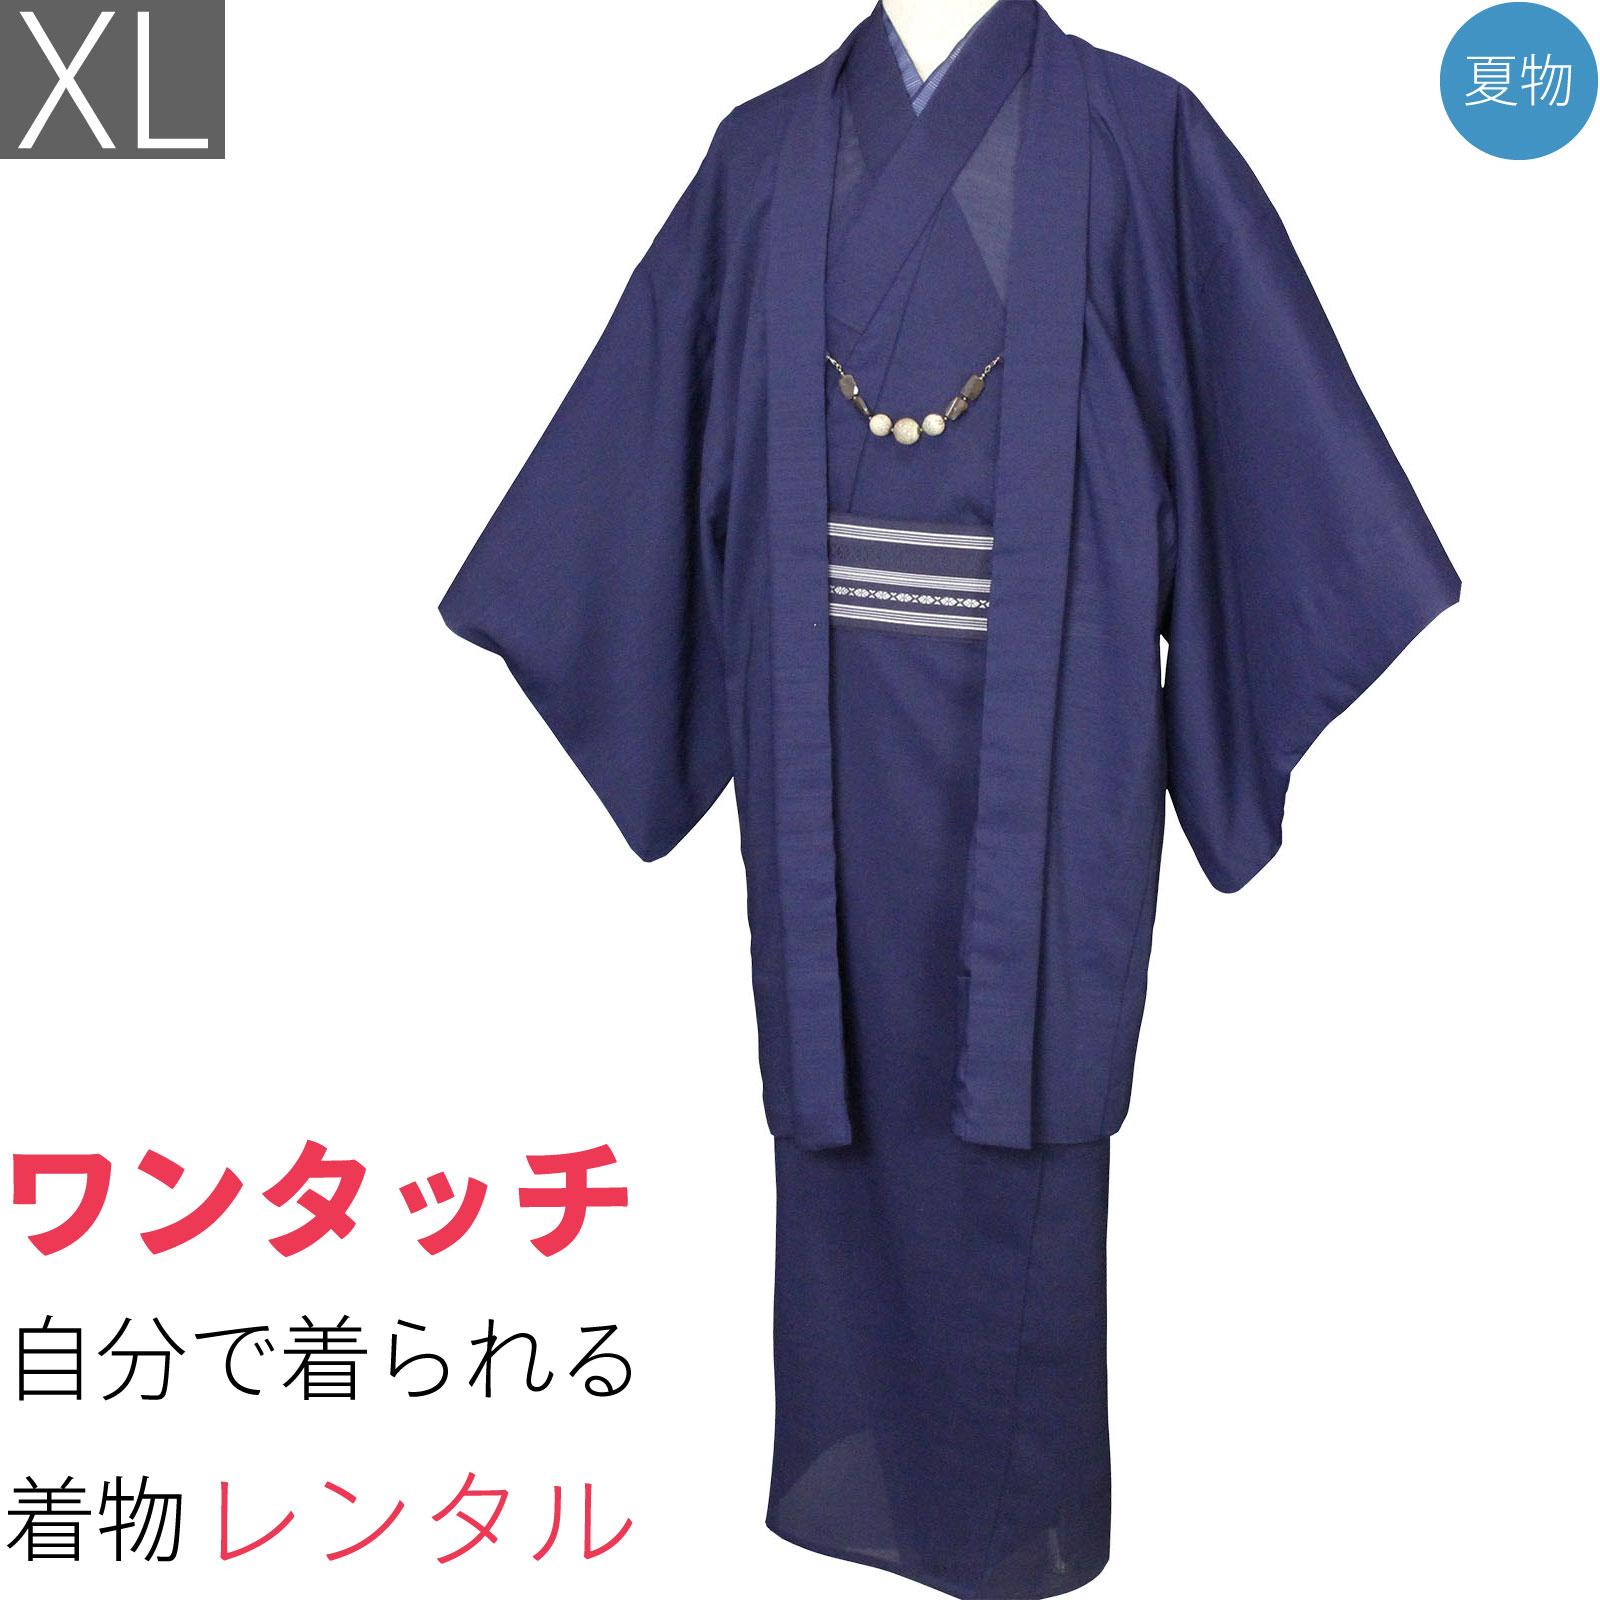 【レンタル】夏 着物 レンタル 男 メンズ 夏物 紗「XLサイズ」濃紺アンサンブル 紗羽織付きセット(なつもの) (8424)